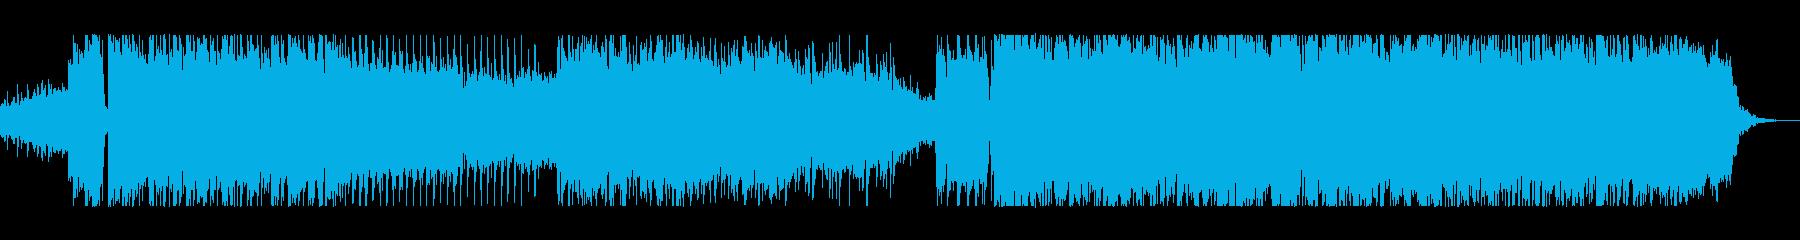 複雑な旋律が織りなす映像向けロックの再生済みの波形